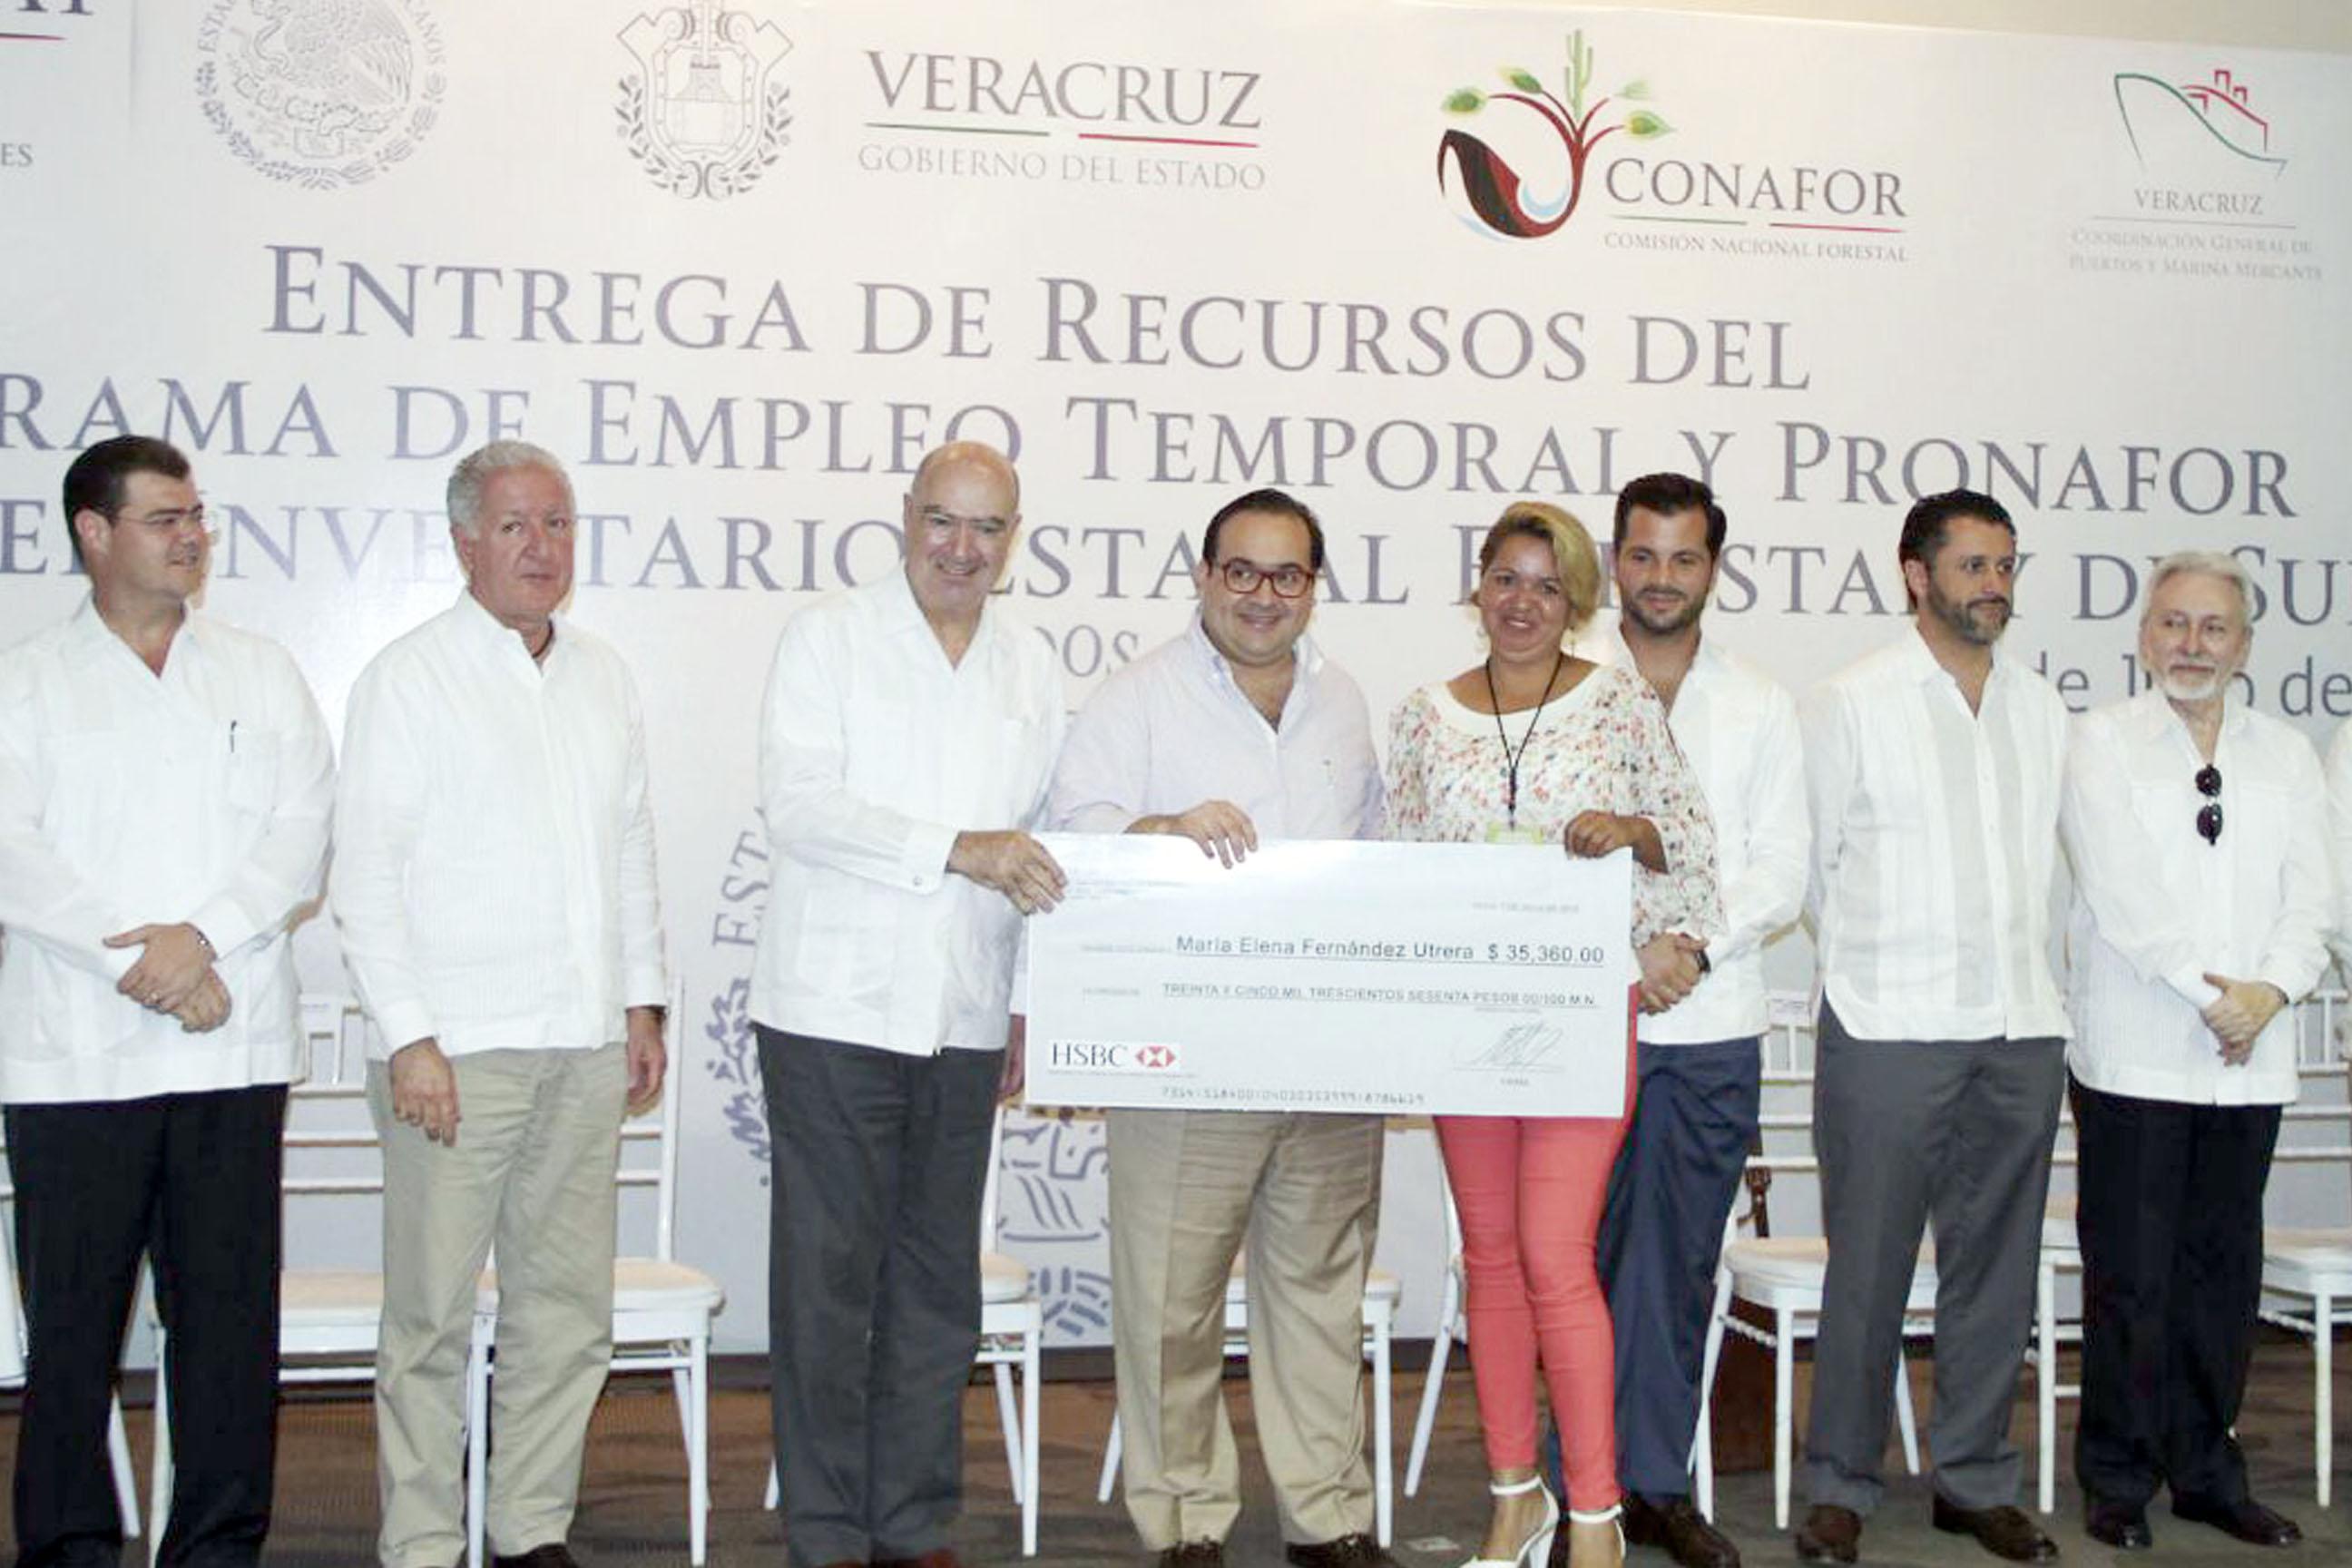 Entrega de PET al estado de Veracruz.